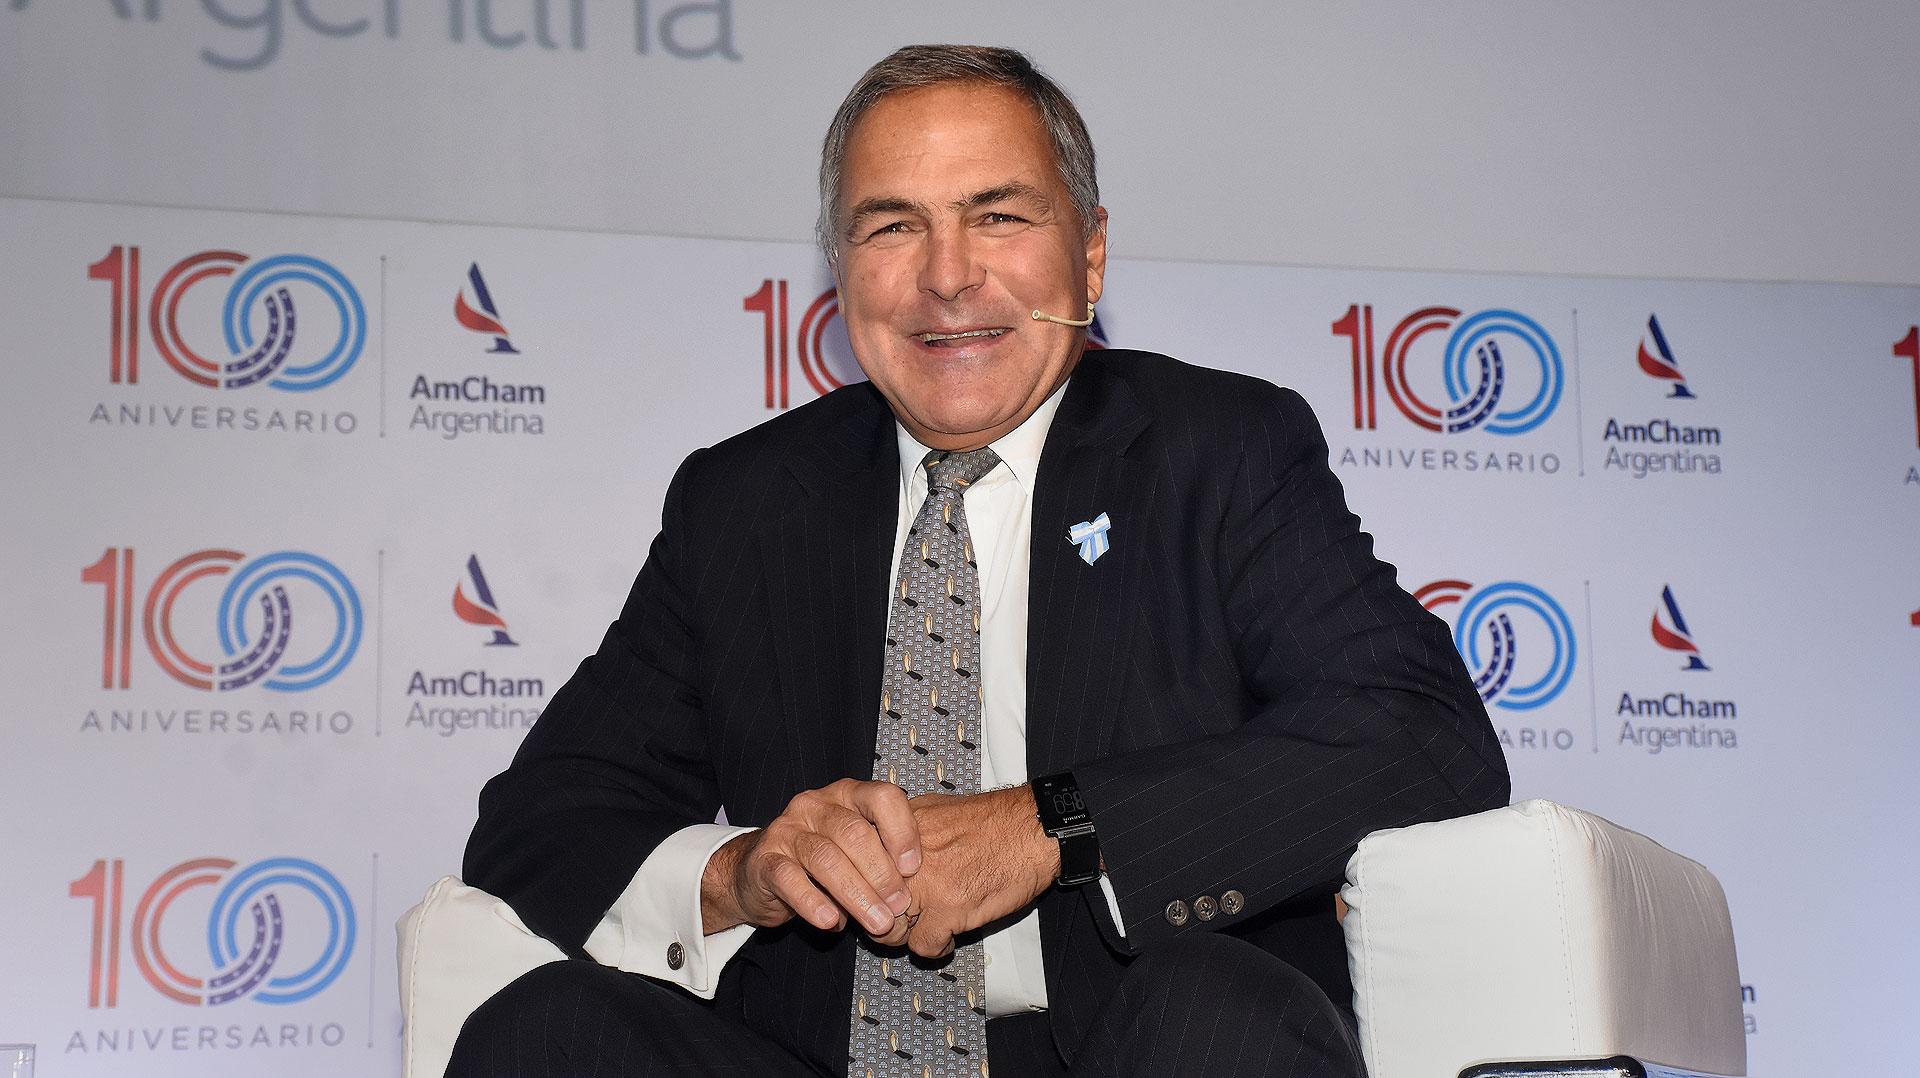 El presidente de AmCham Argentina, Manuel Aguirre